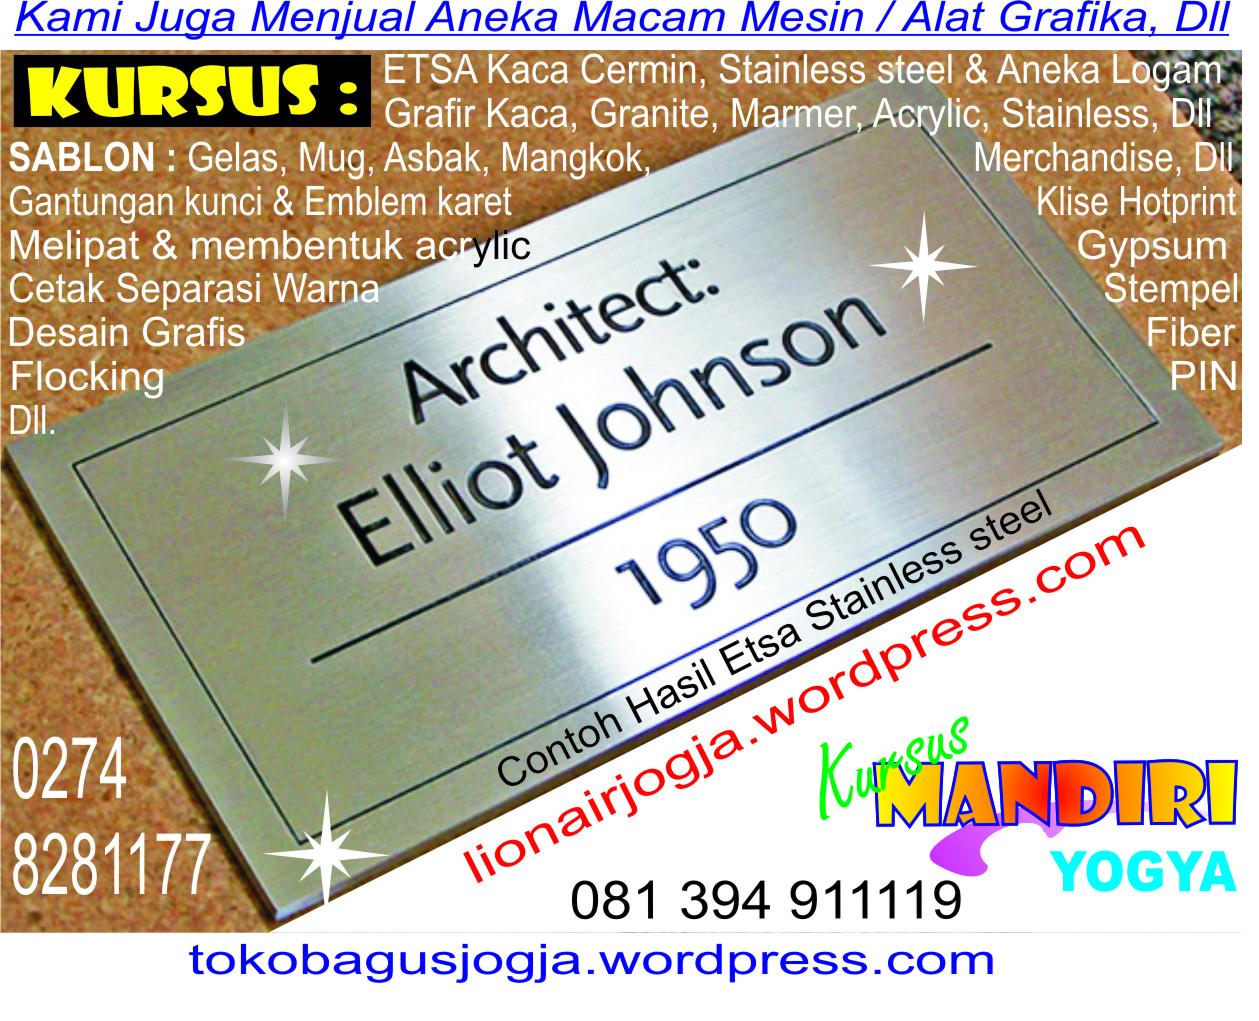 yaitu KURSUS  tokobagusjogjawordpresscom   Cetak Offset Graphic design Screen printing